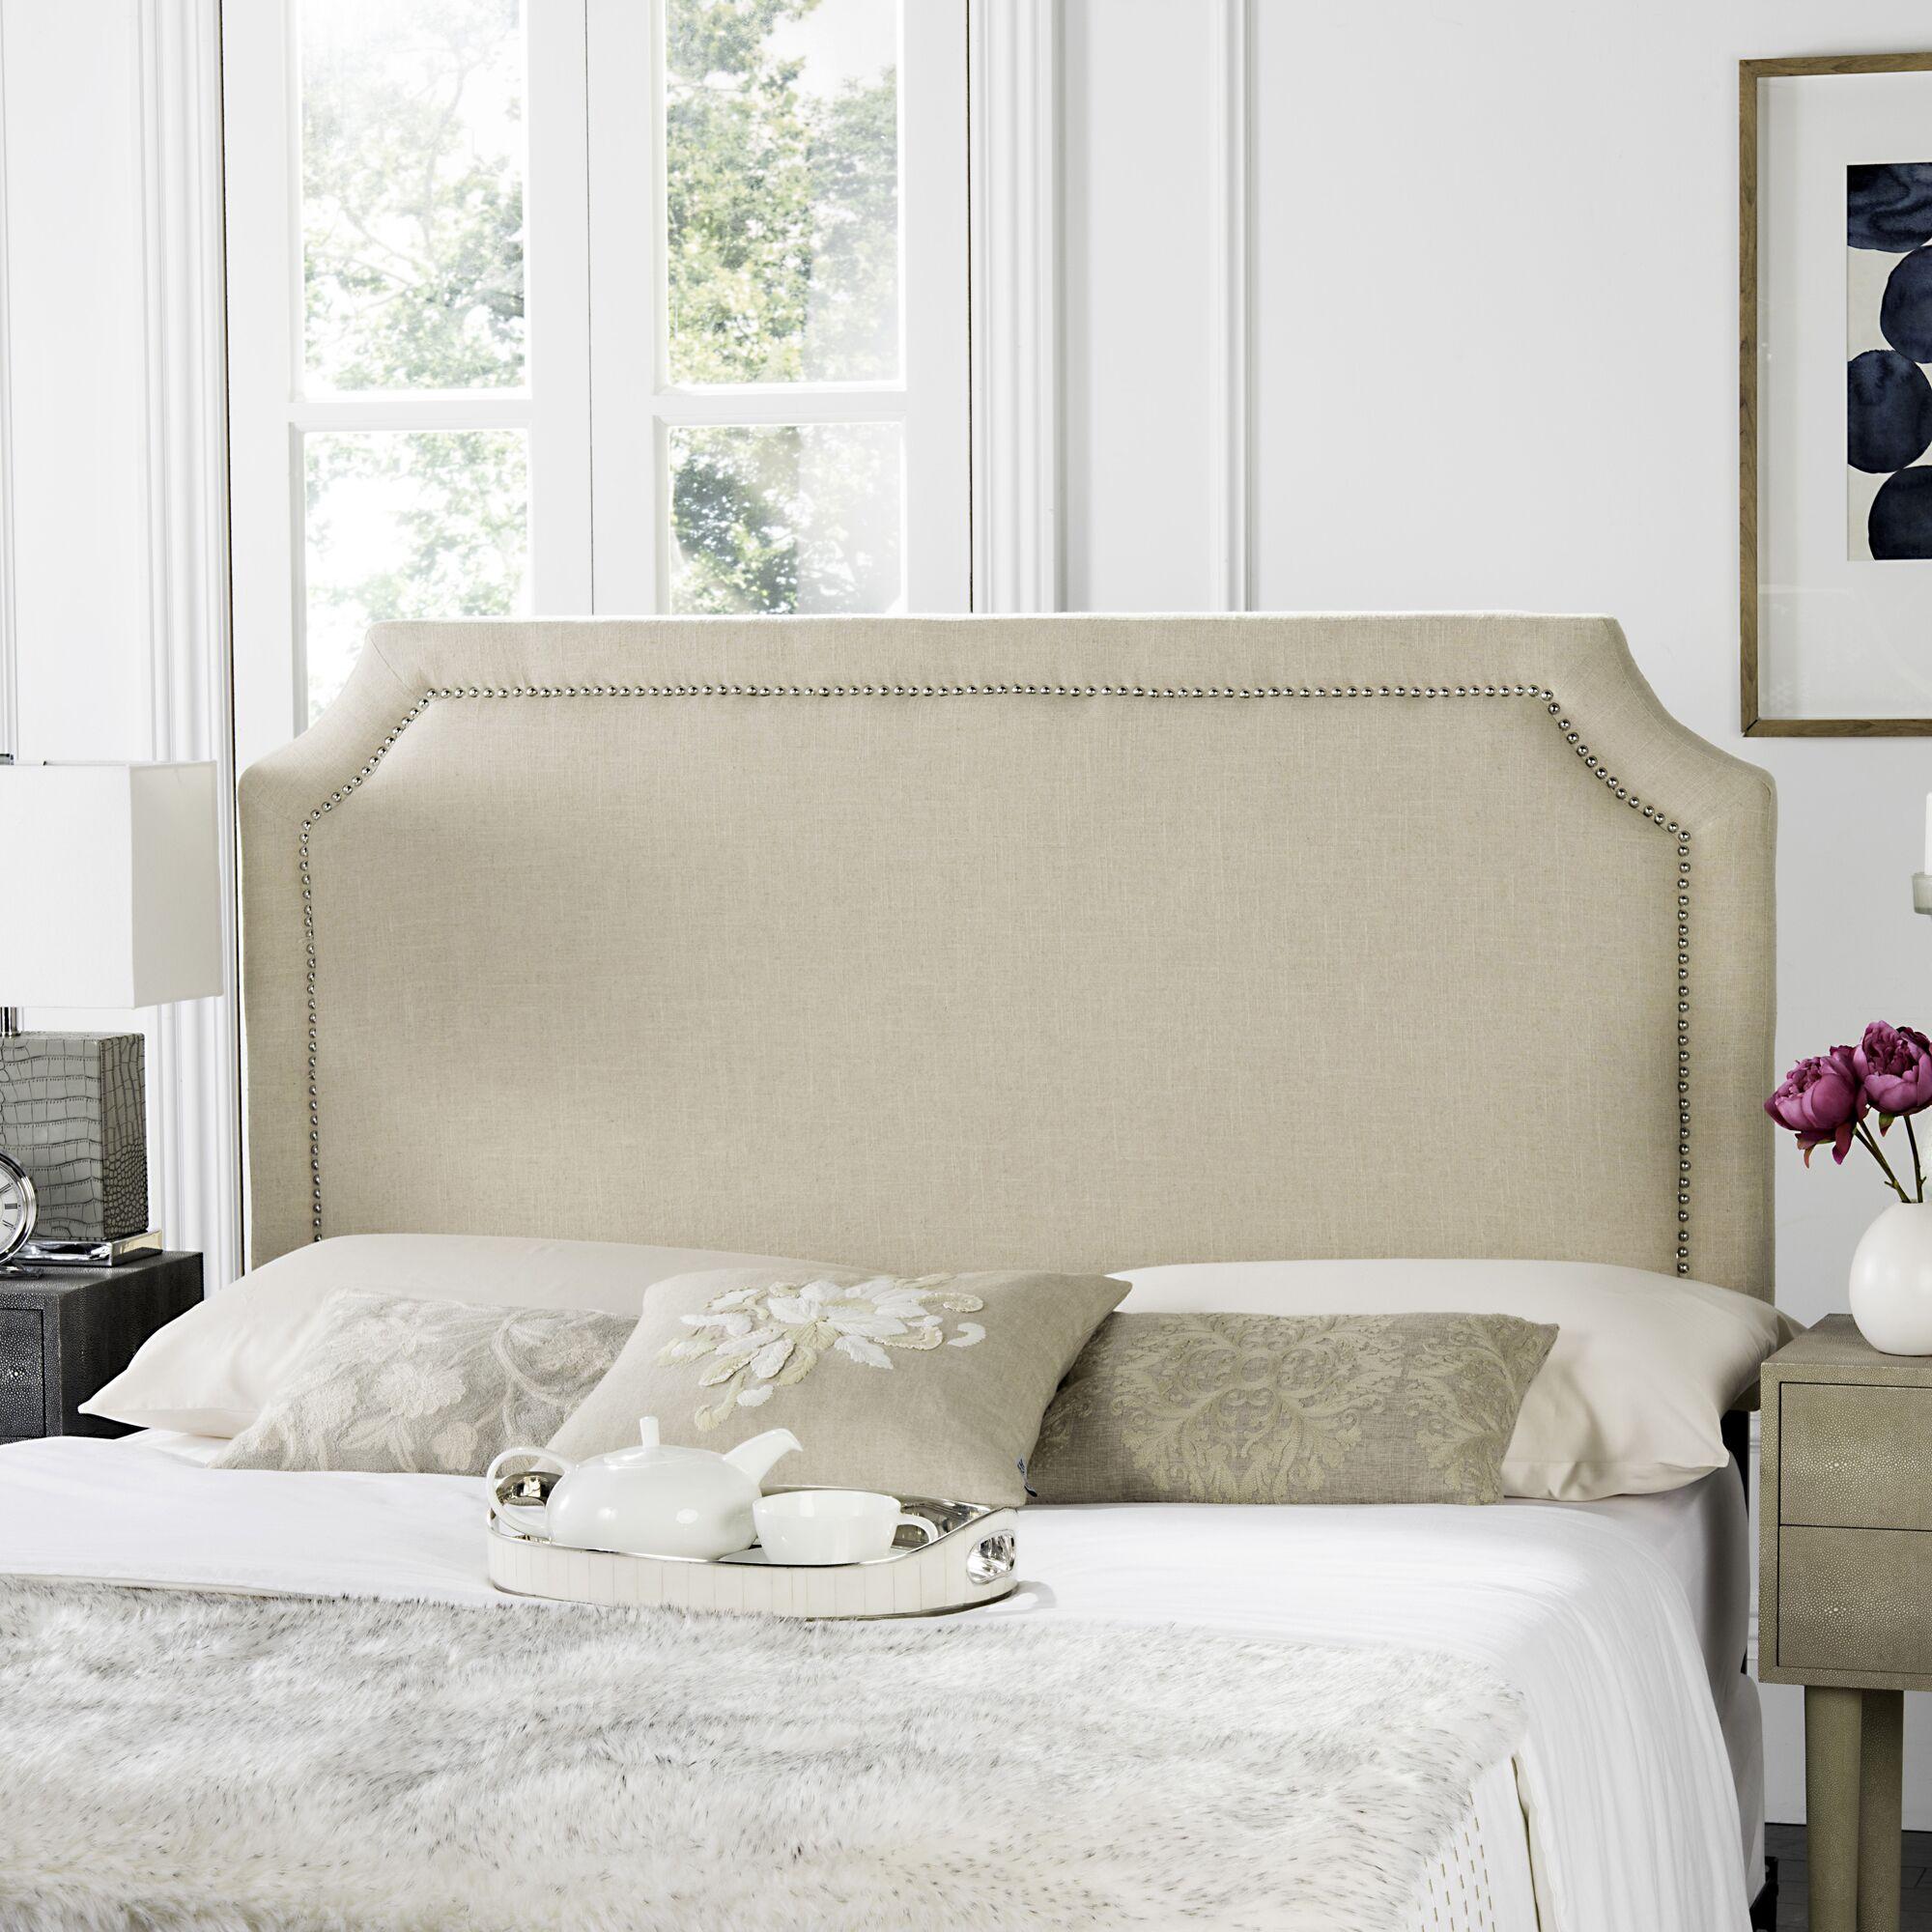 Millington Upholstered Panel Headboard Size: Full, Upholstery: Linen Hemp